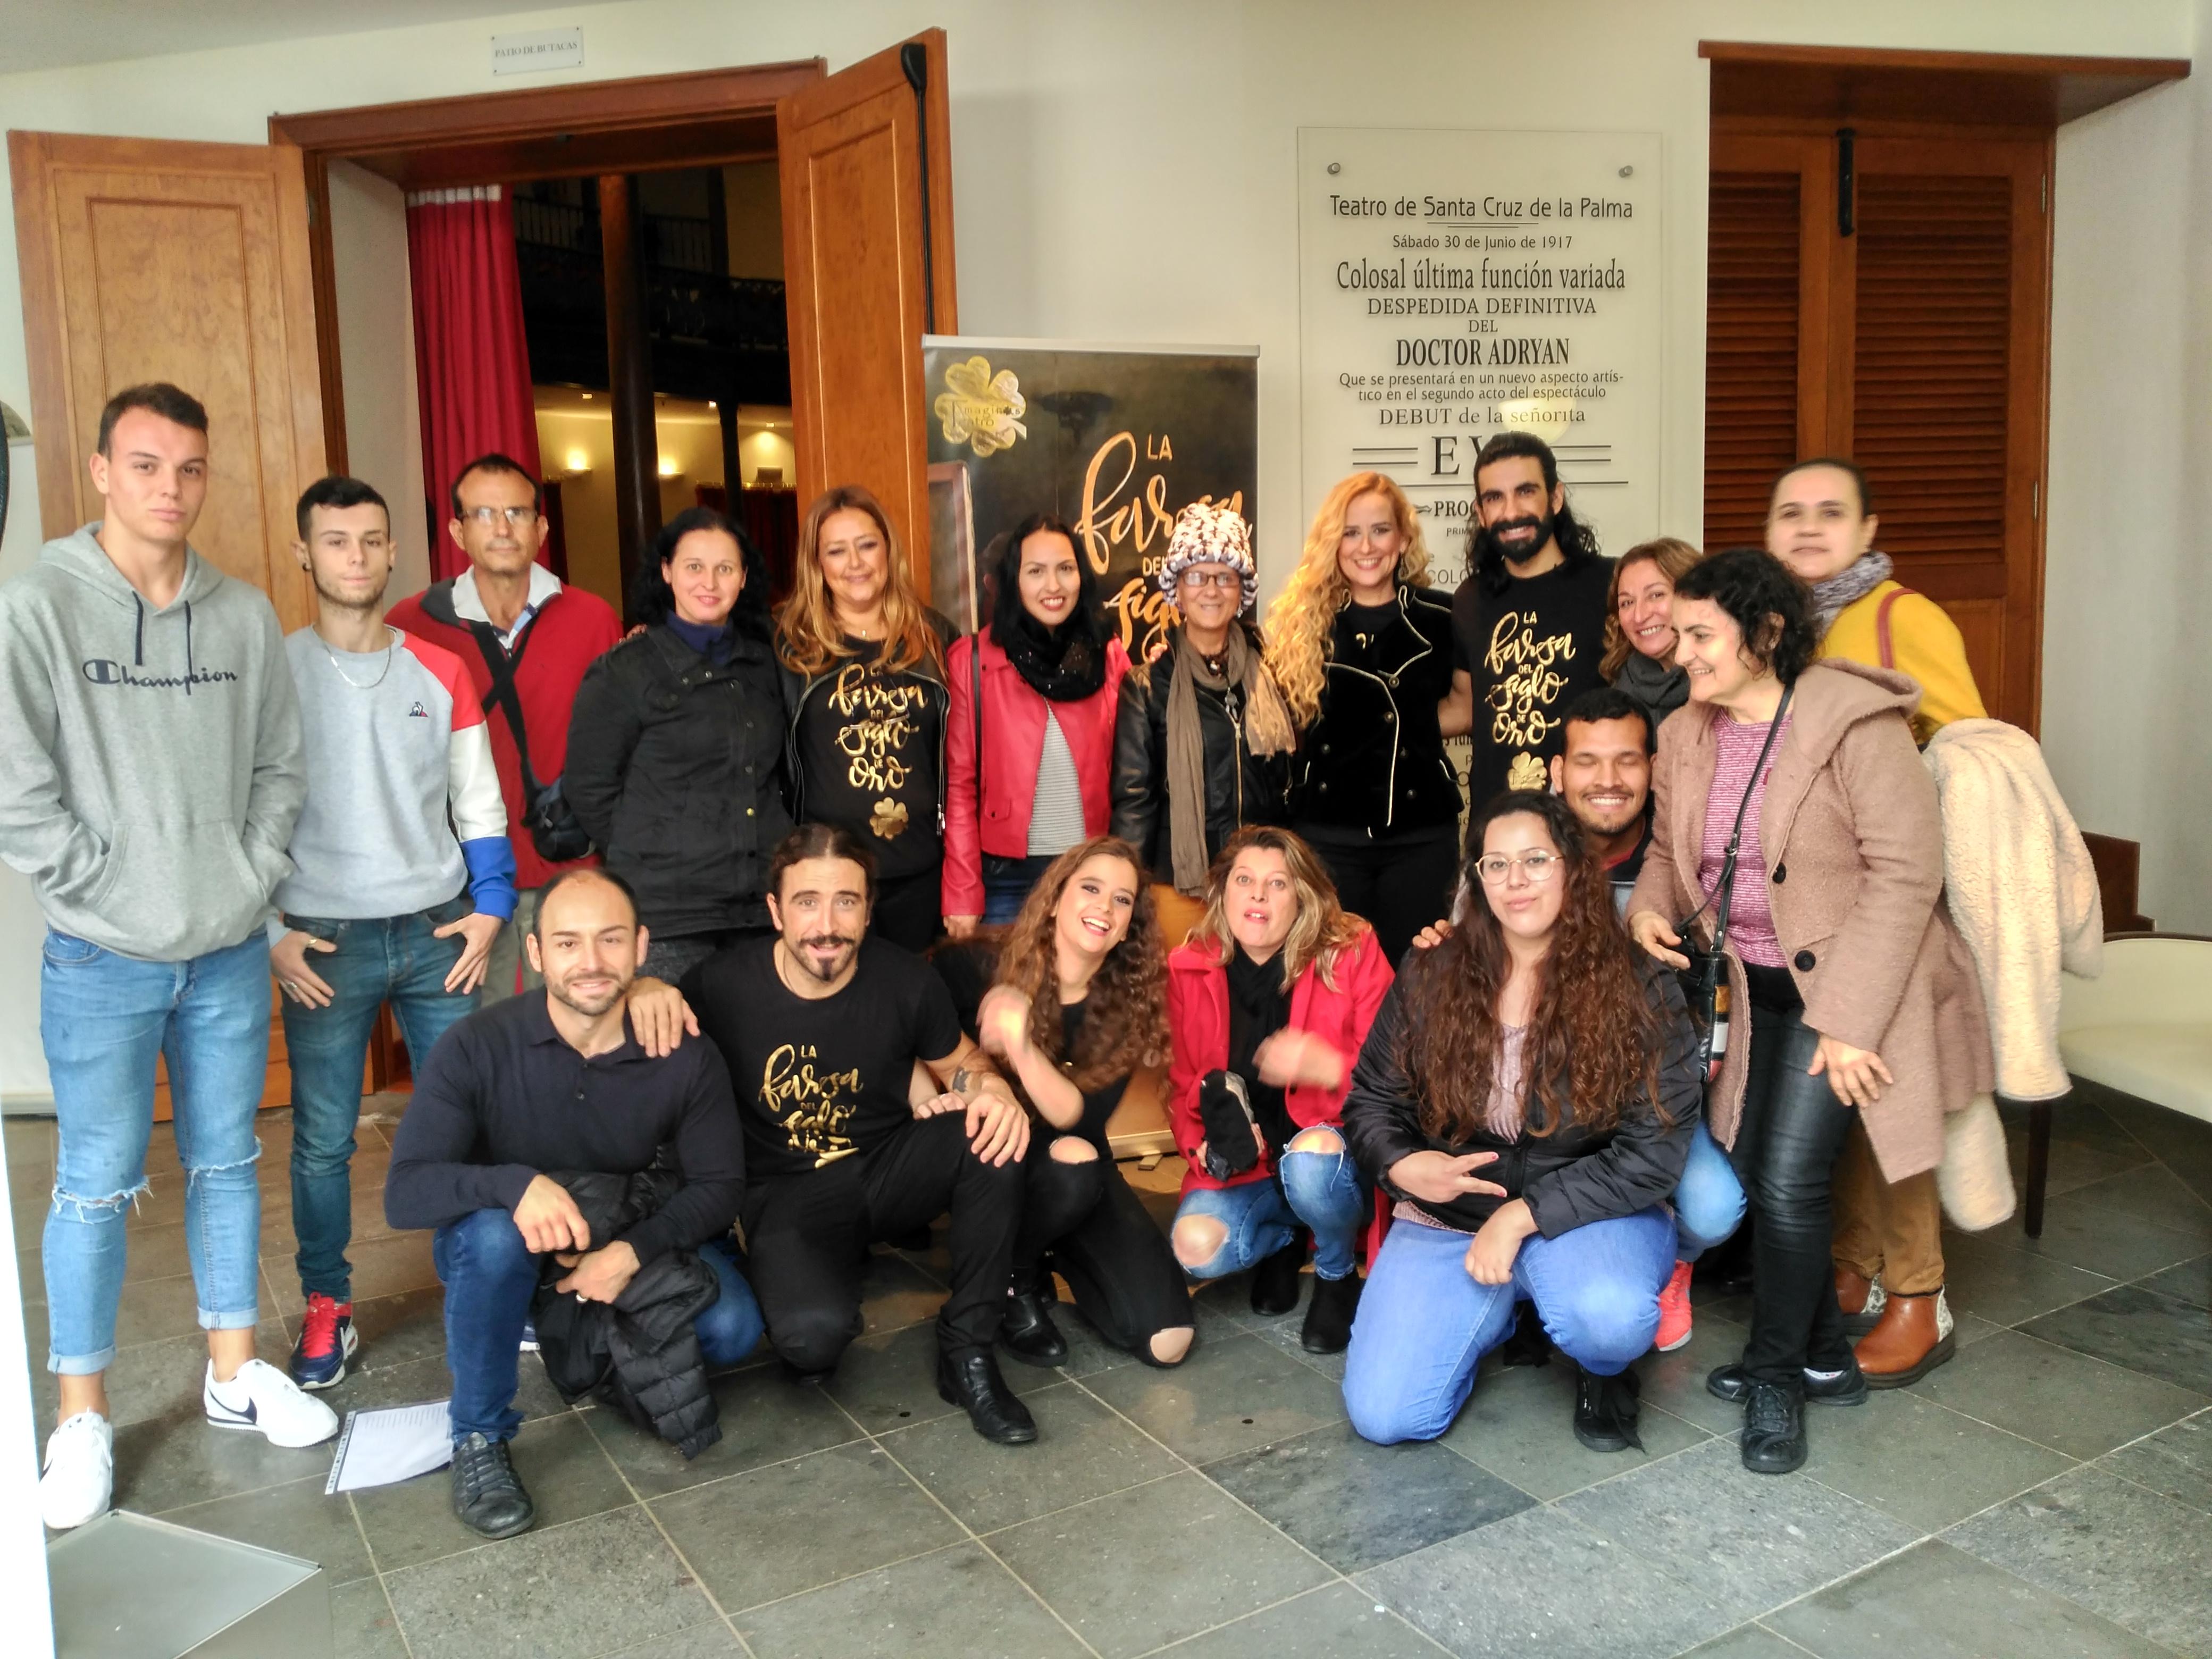 Alumnos y profesores del CEPA Guayafanta con el equipo deTimaginas Teatro 24_1_2019